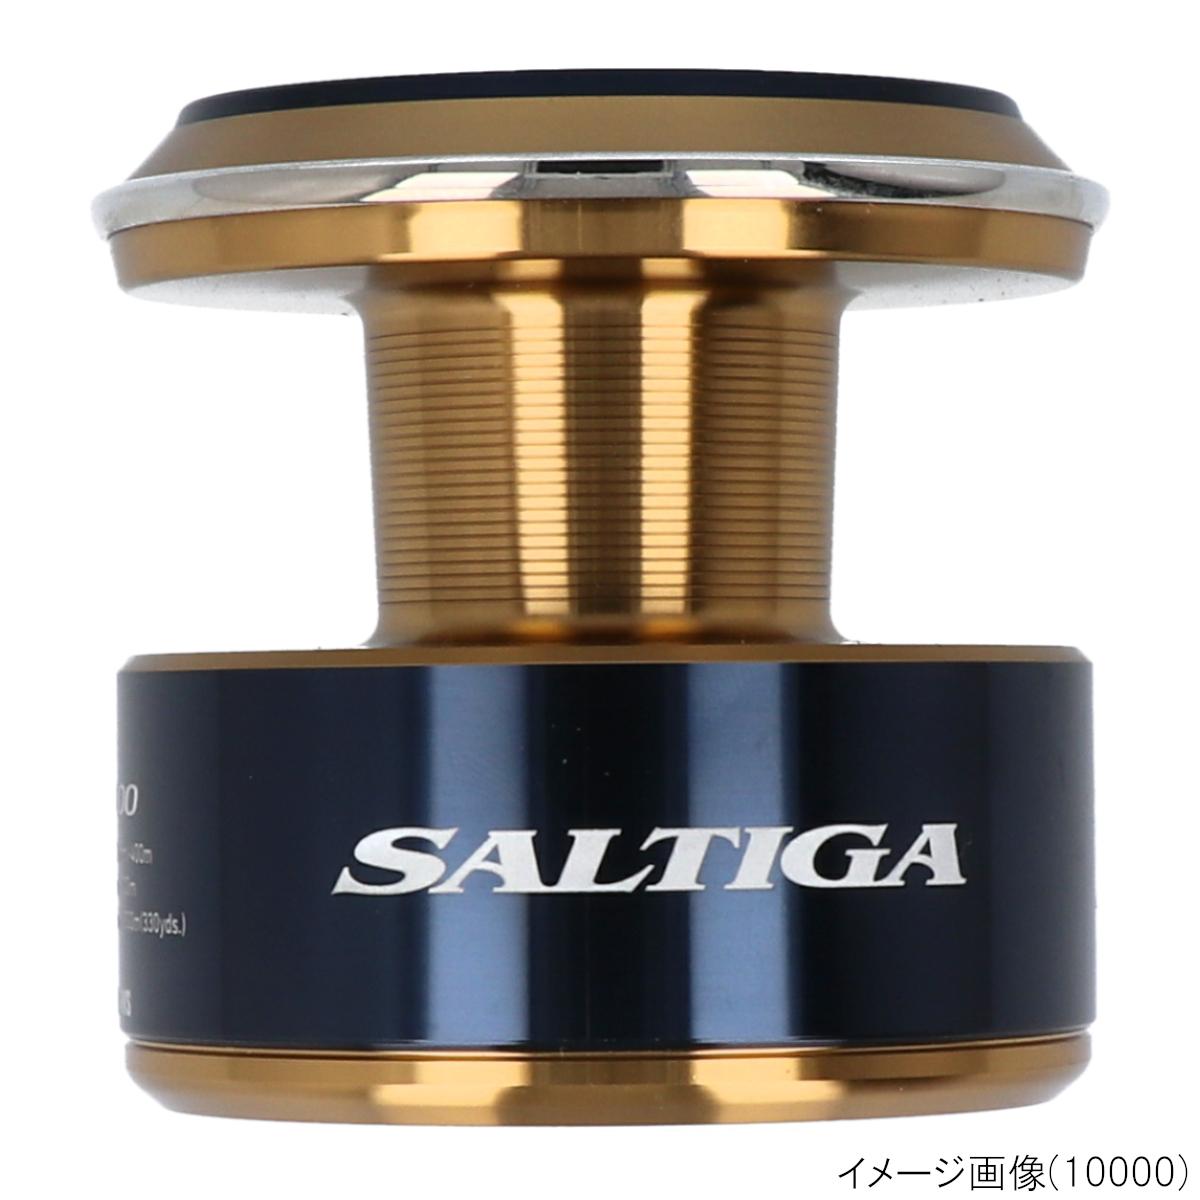 SLPW 20SALTIGA スプール 8000 ダイワ